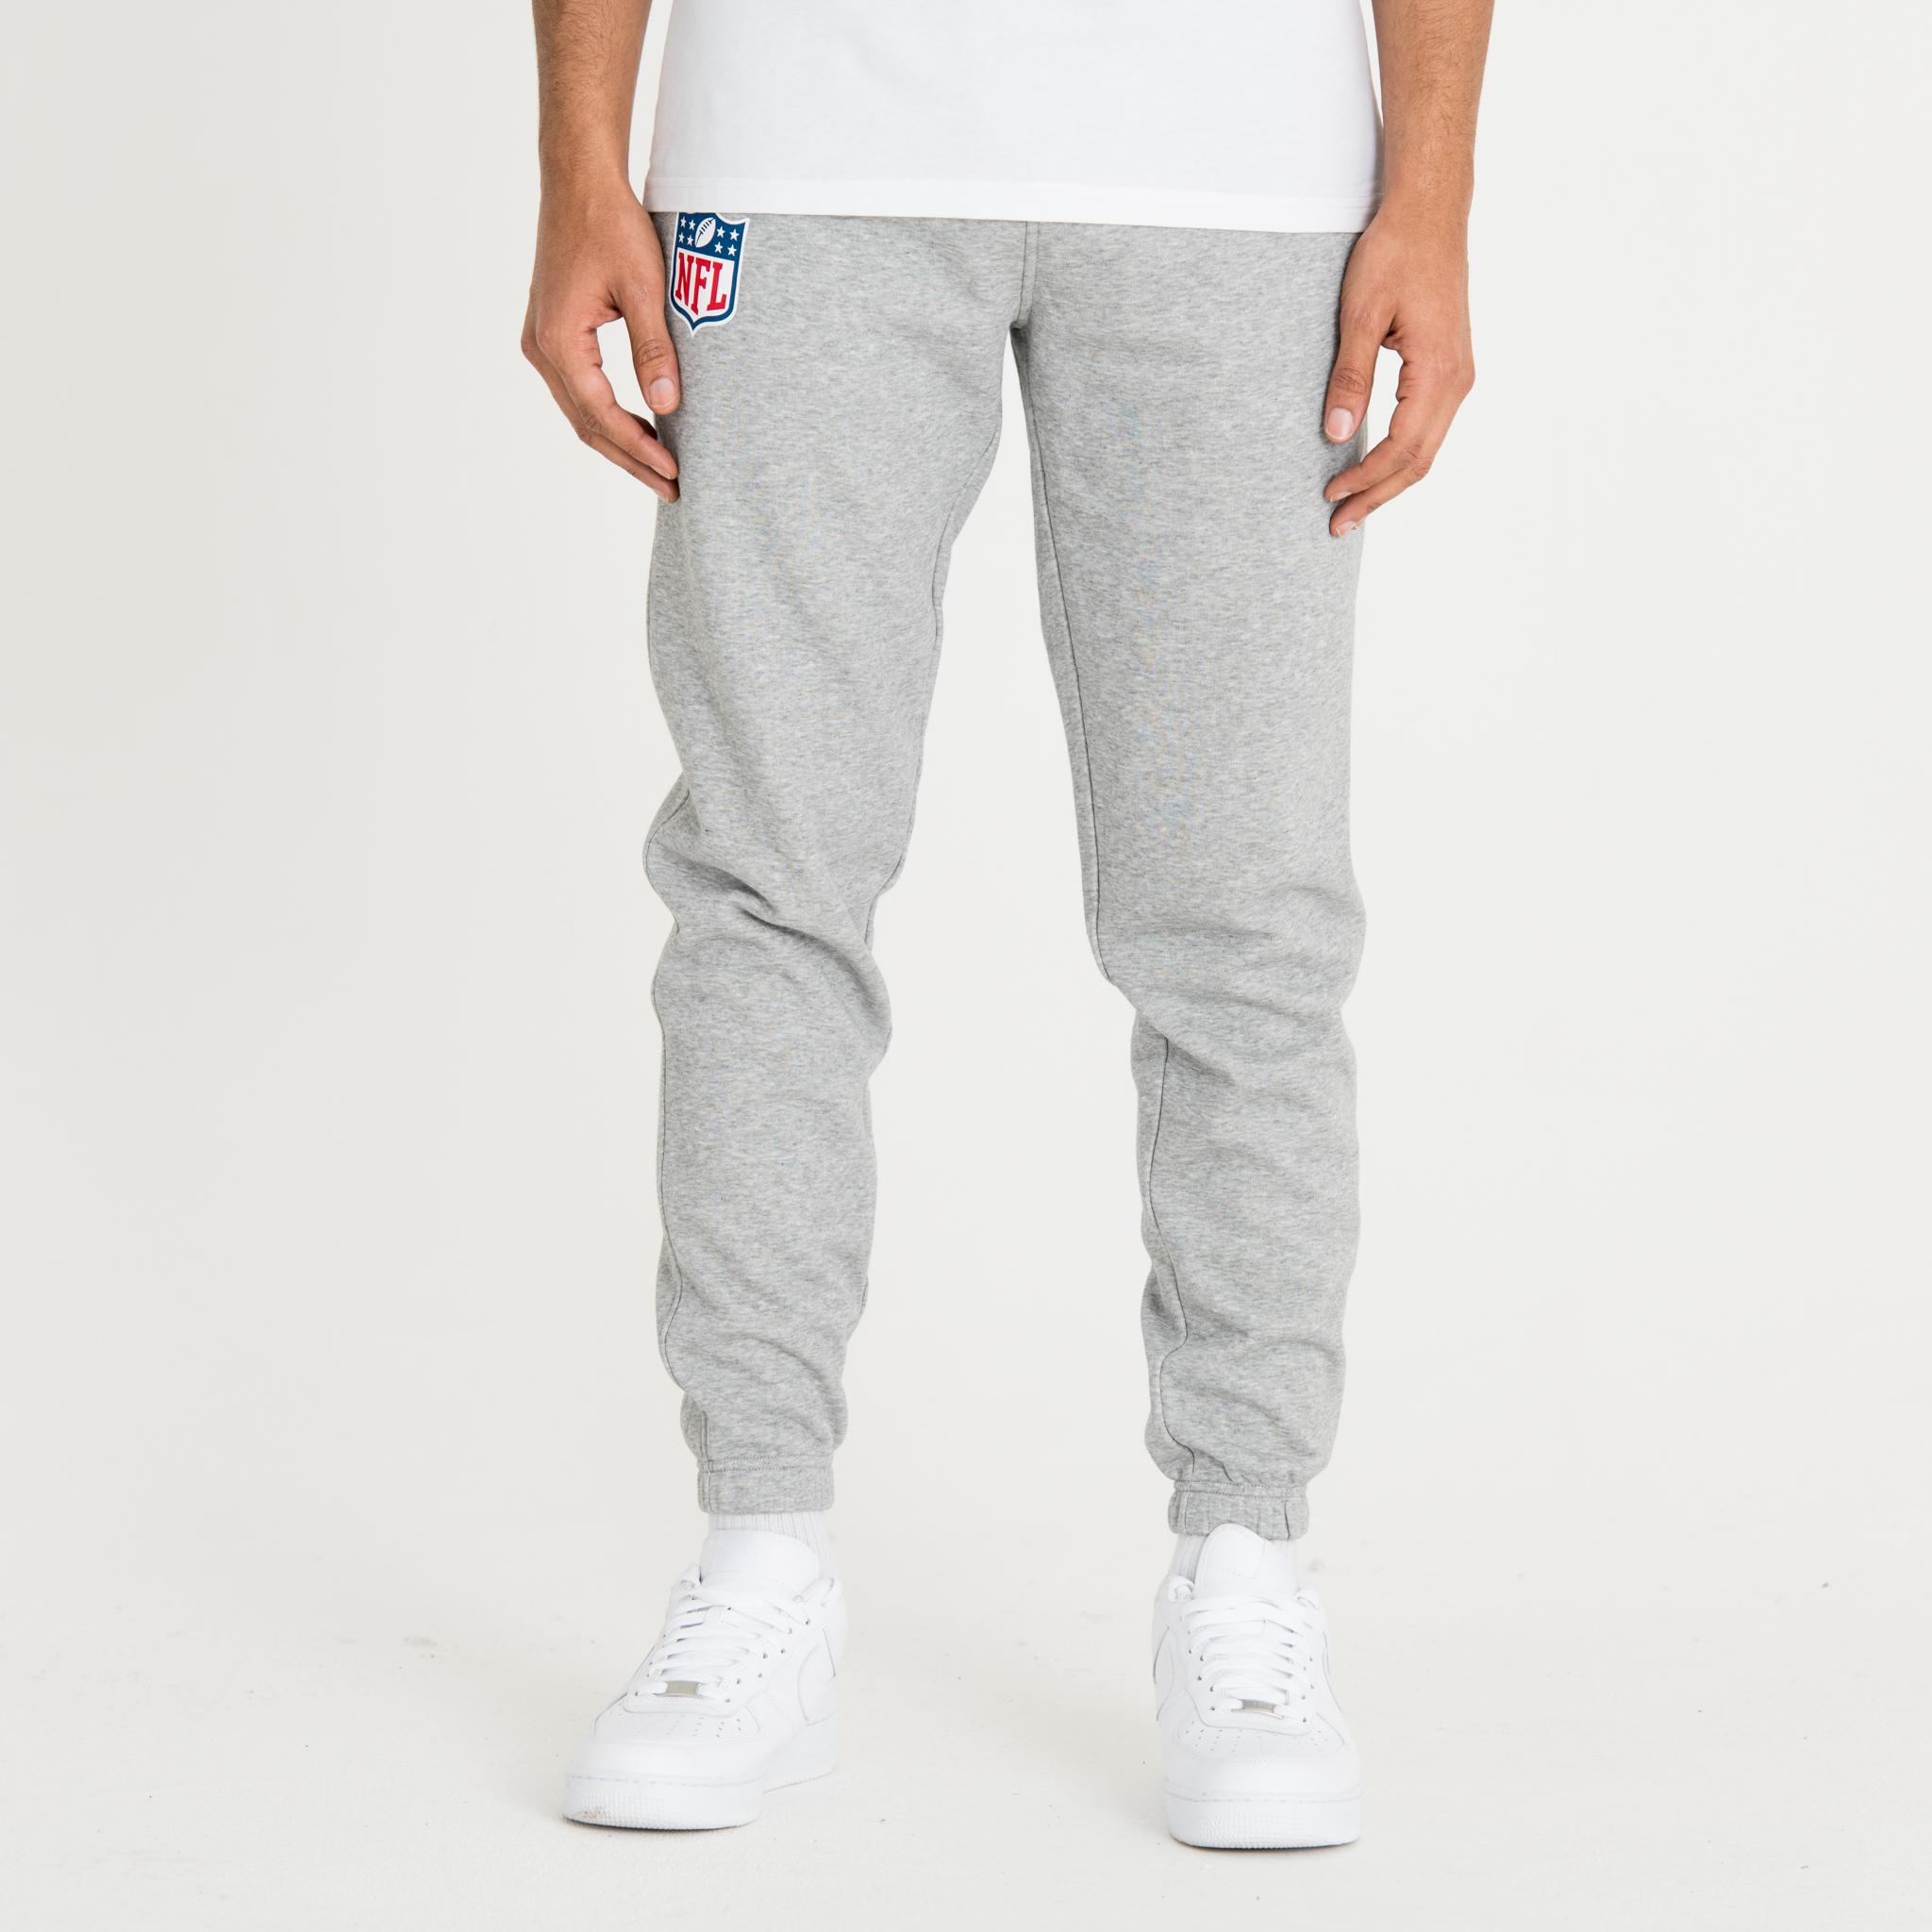 Pantalon de jogging gris logo NFL